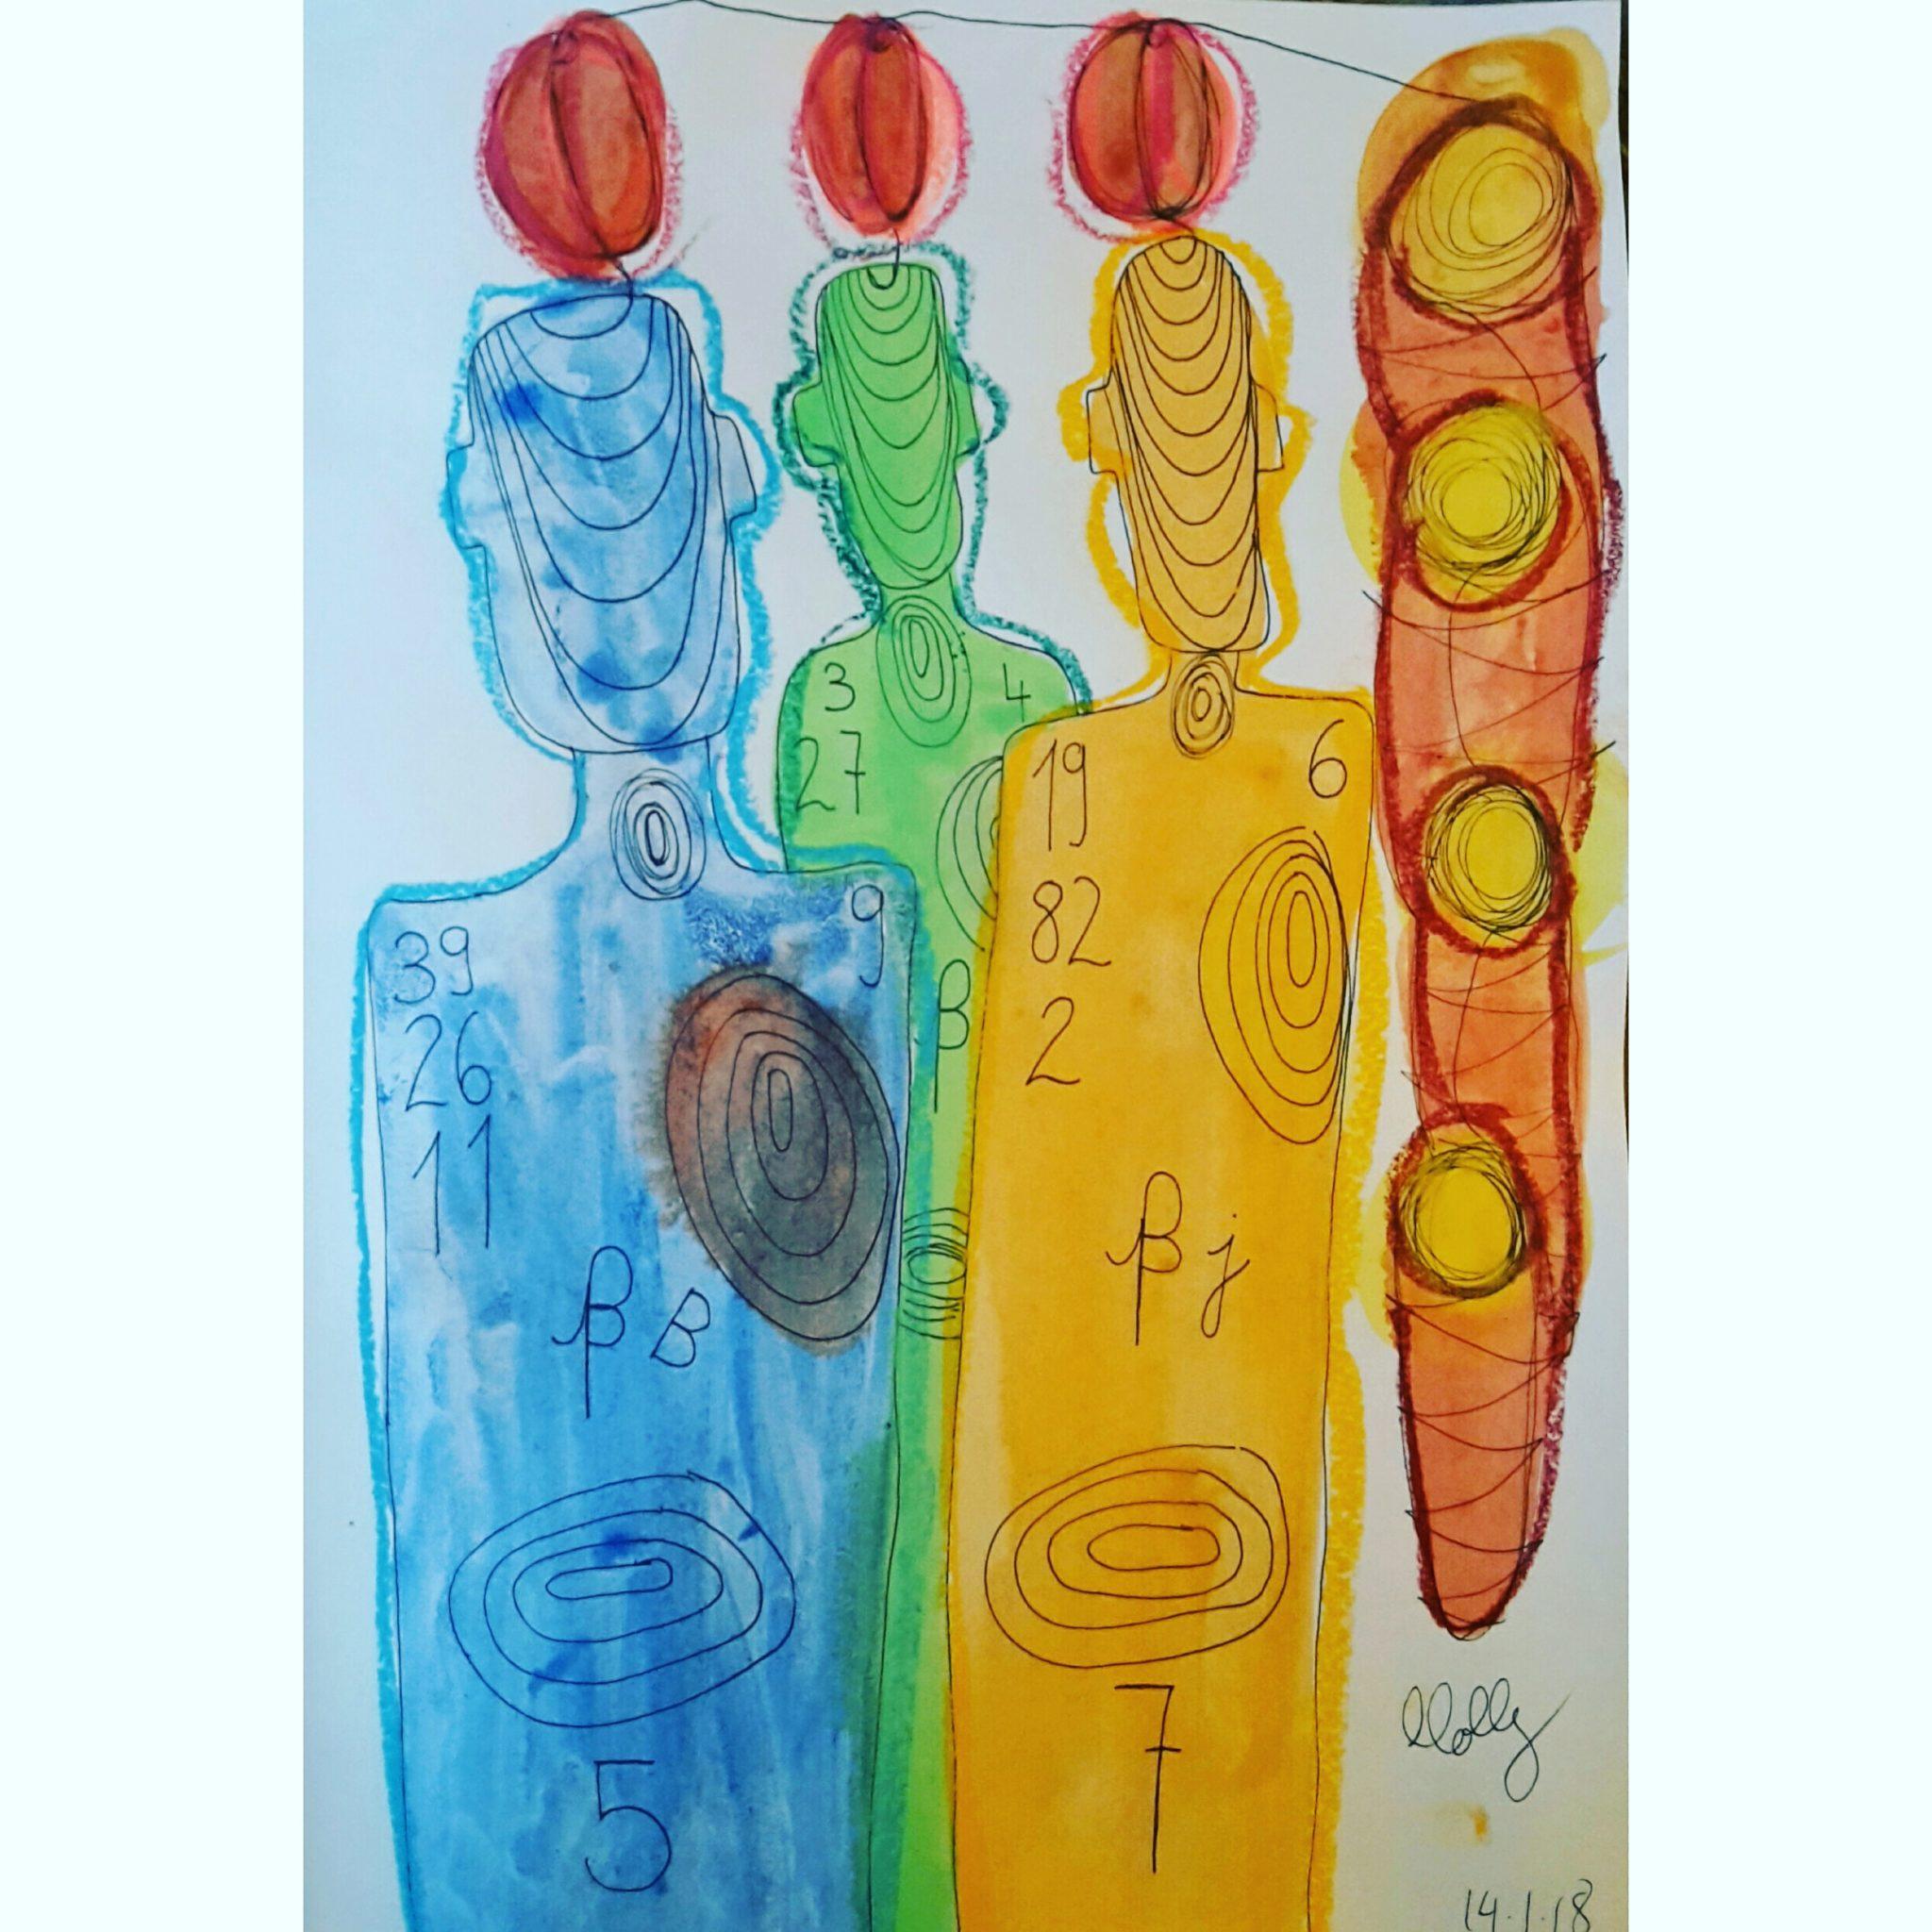 Das Bild «Familie», gemalt von Molly Holst. Die Synästhetikerin nimmt ihre Familienmitglieder auch als Farben und Zahlen wahr.